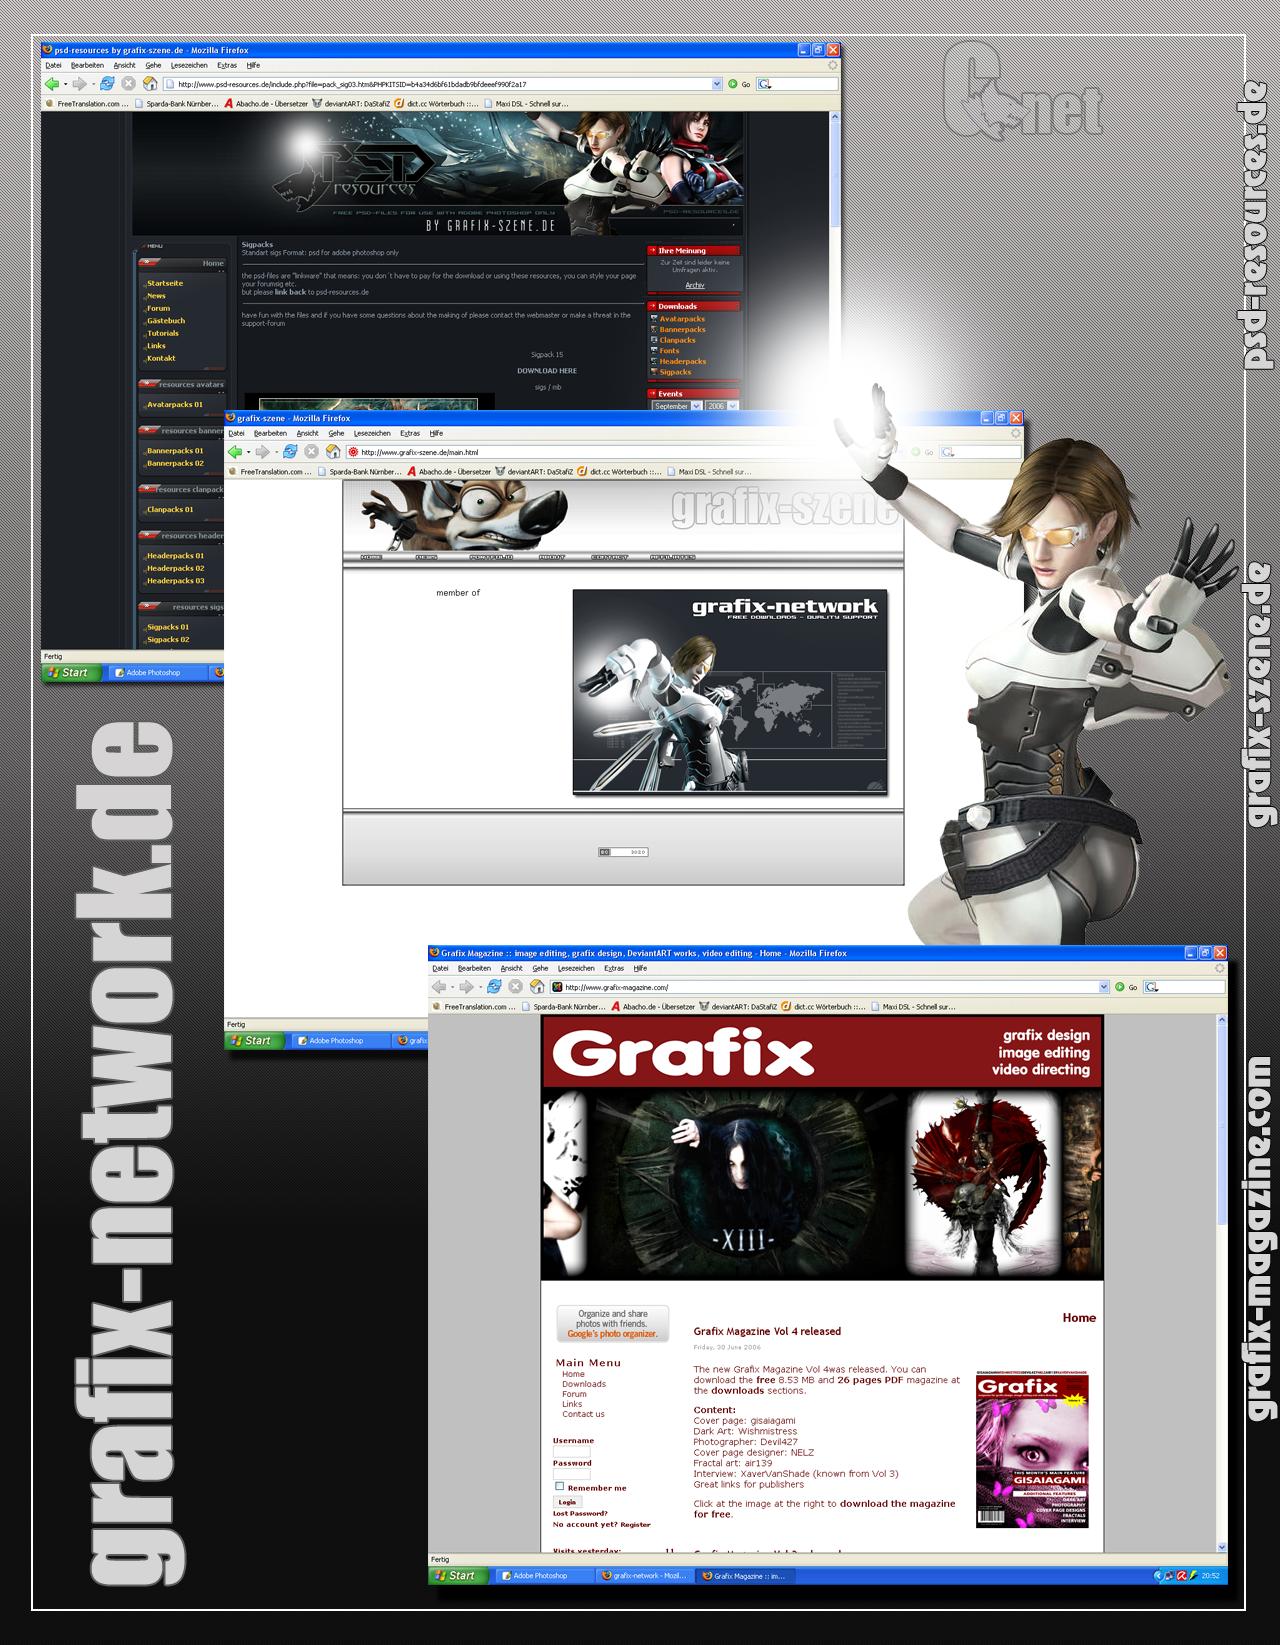 Ad grafix-network.de for Vol 5 by ToaTs